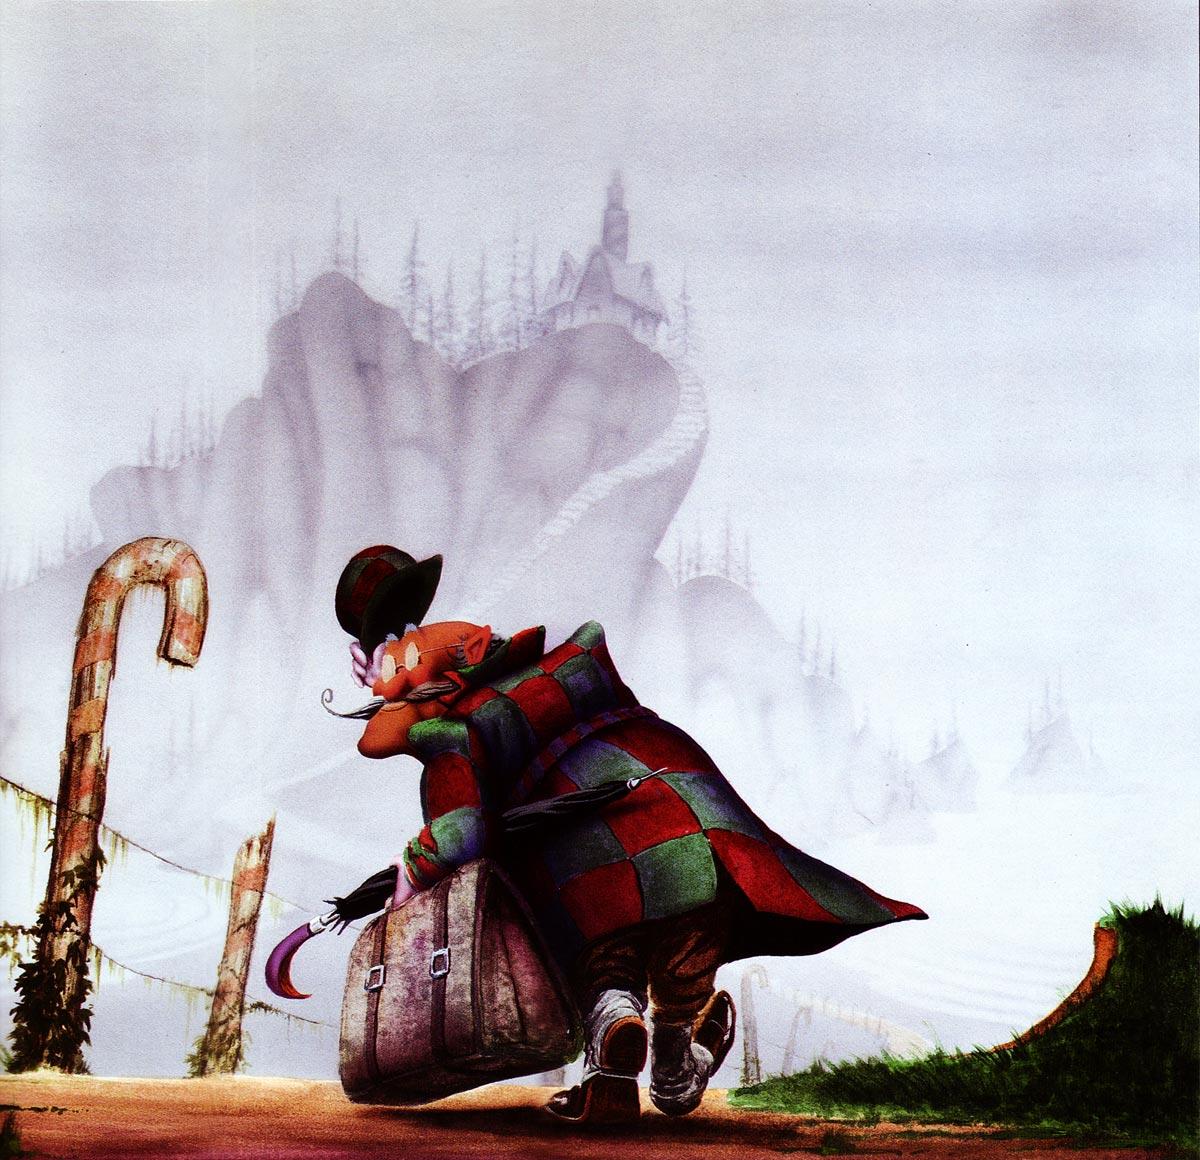 Red Ranger meets an elf